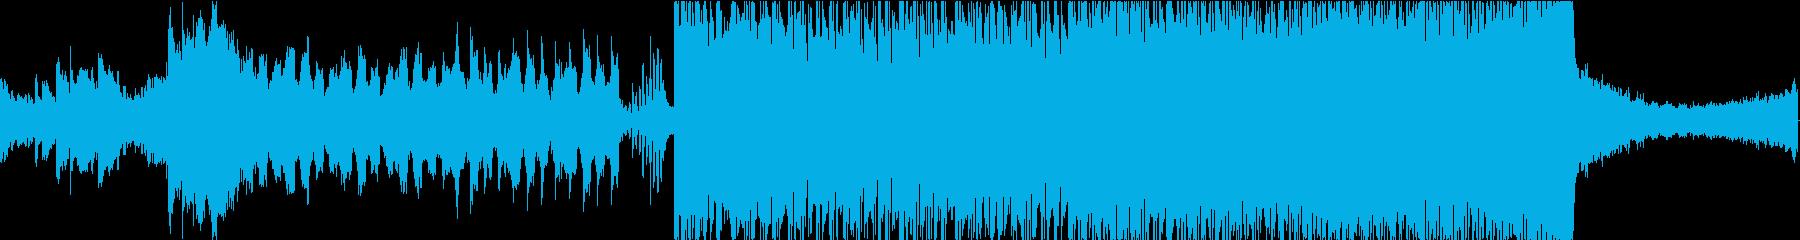 期待感の高まるライブ入場SEやCM60秒の再生済みの波形